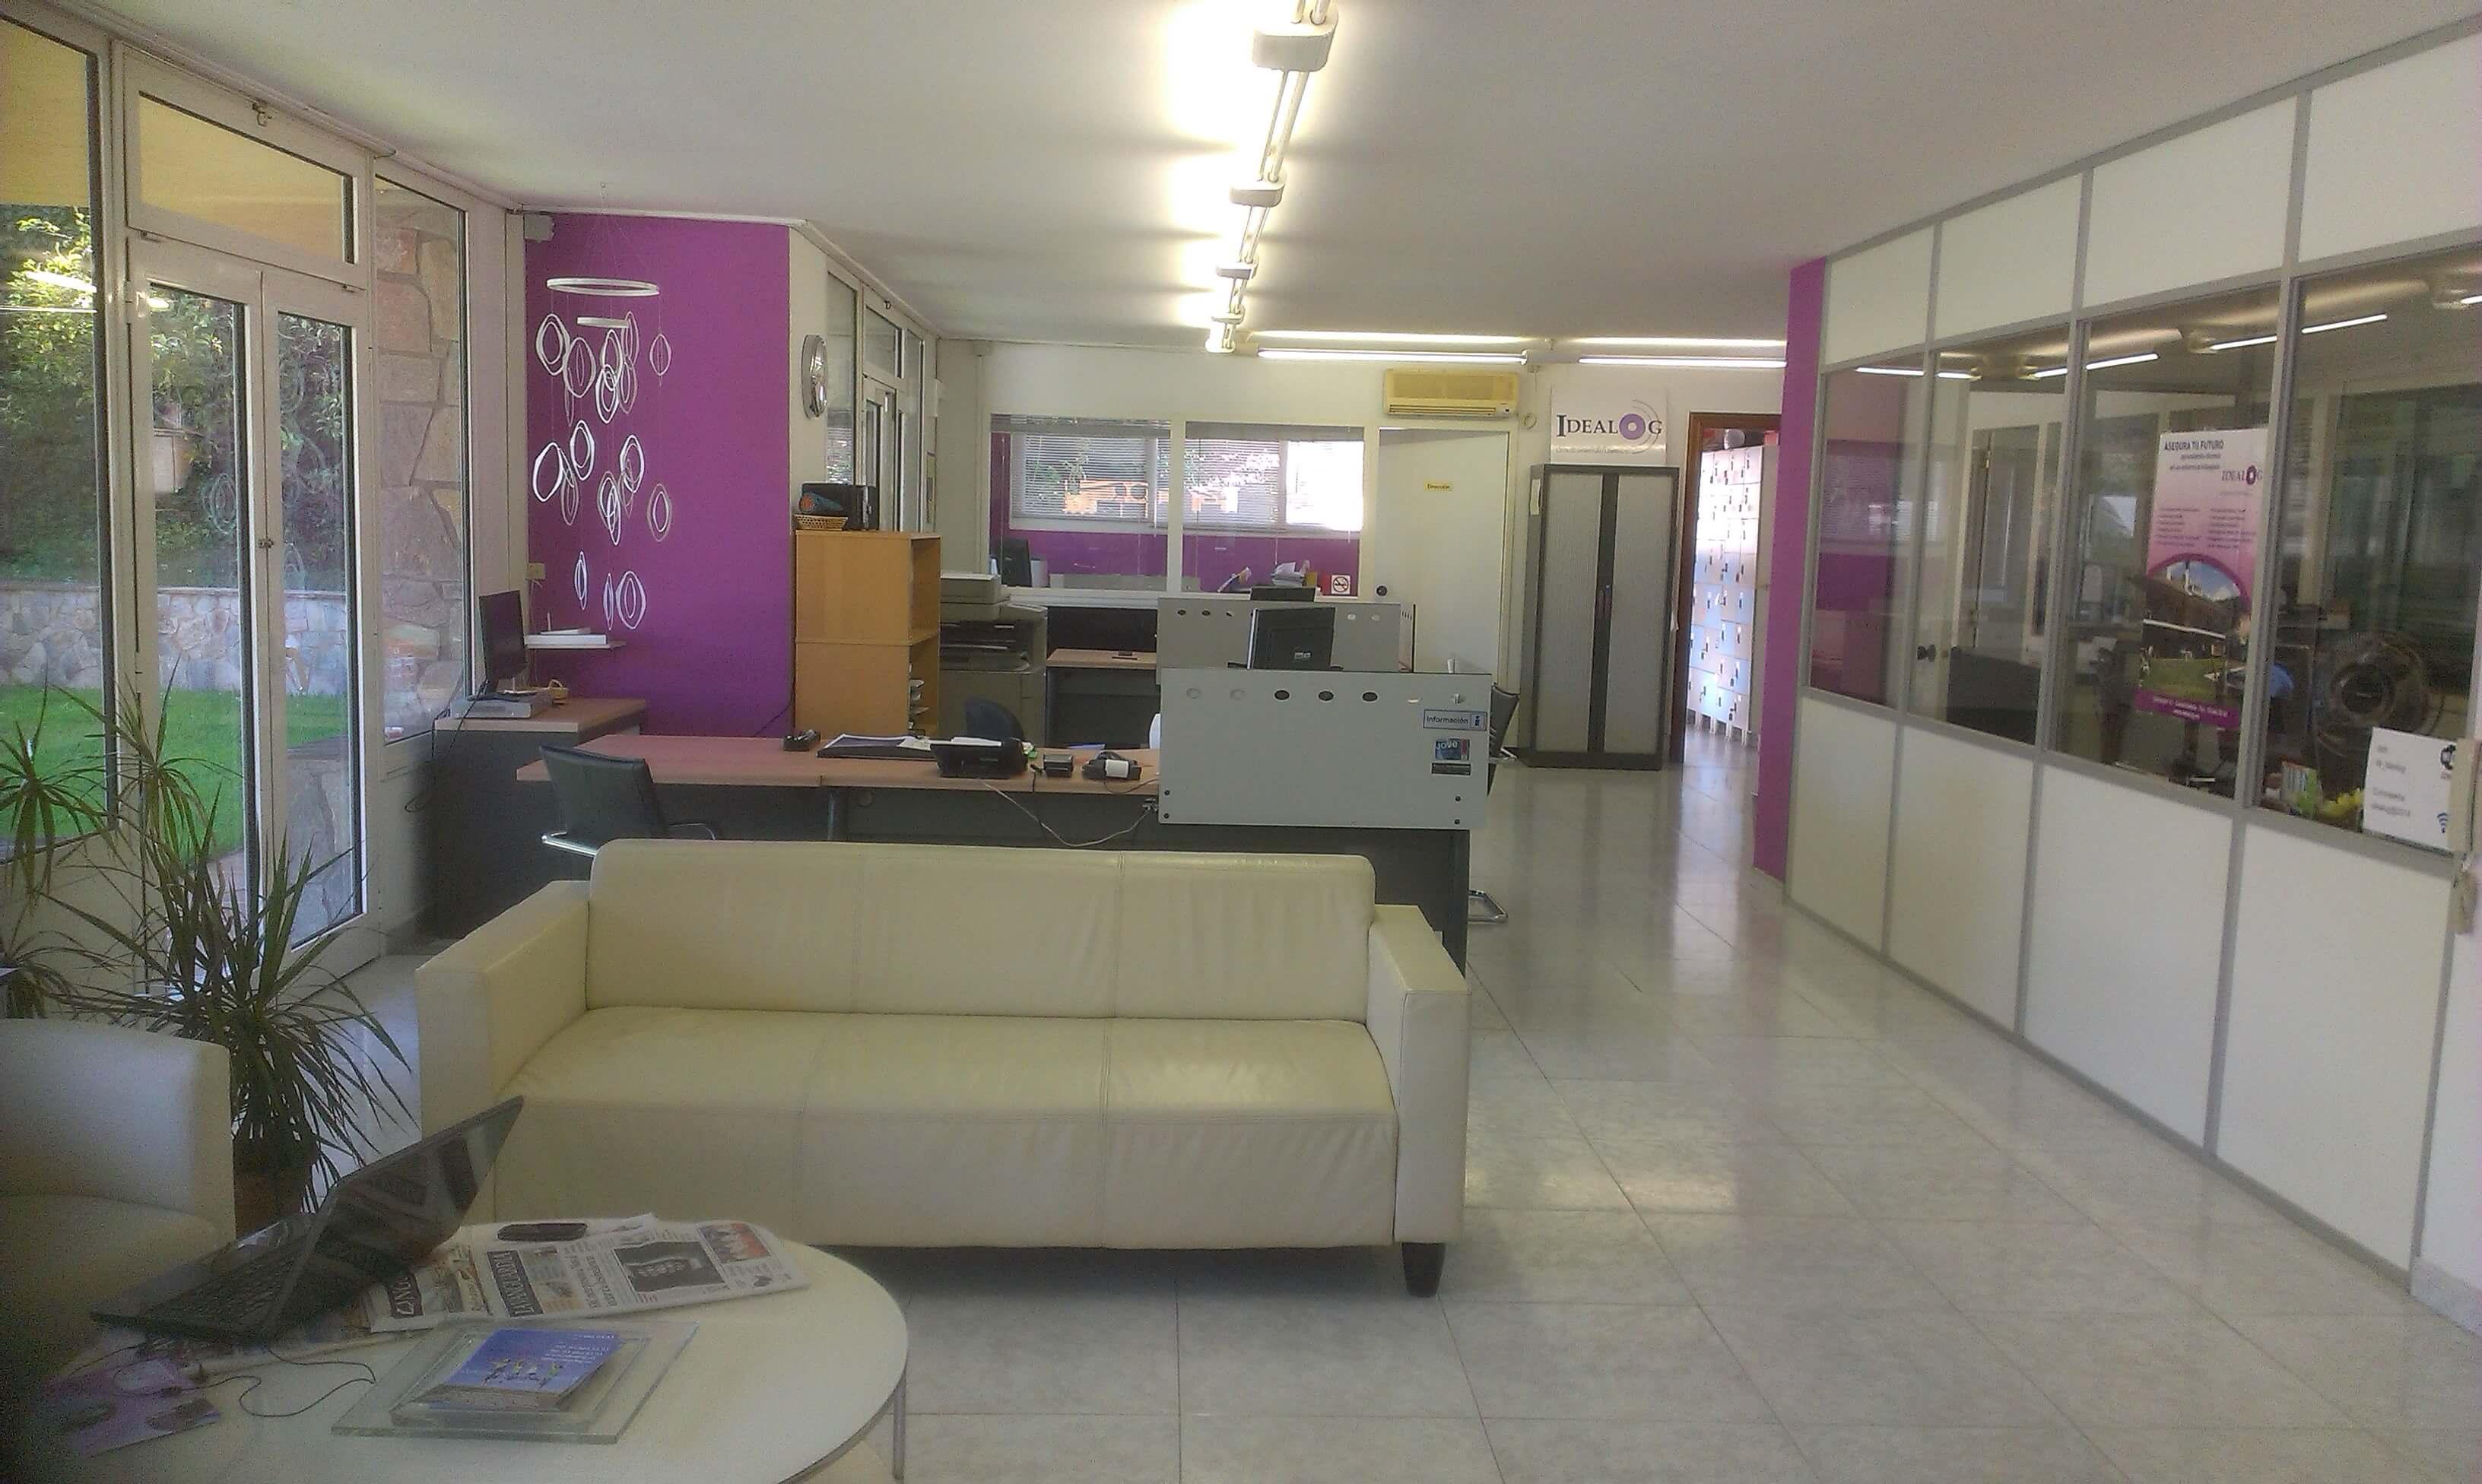 idealog casa hall reception area